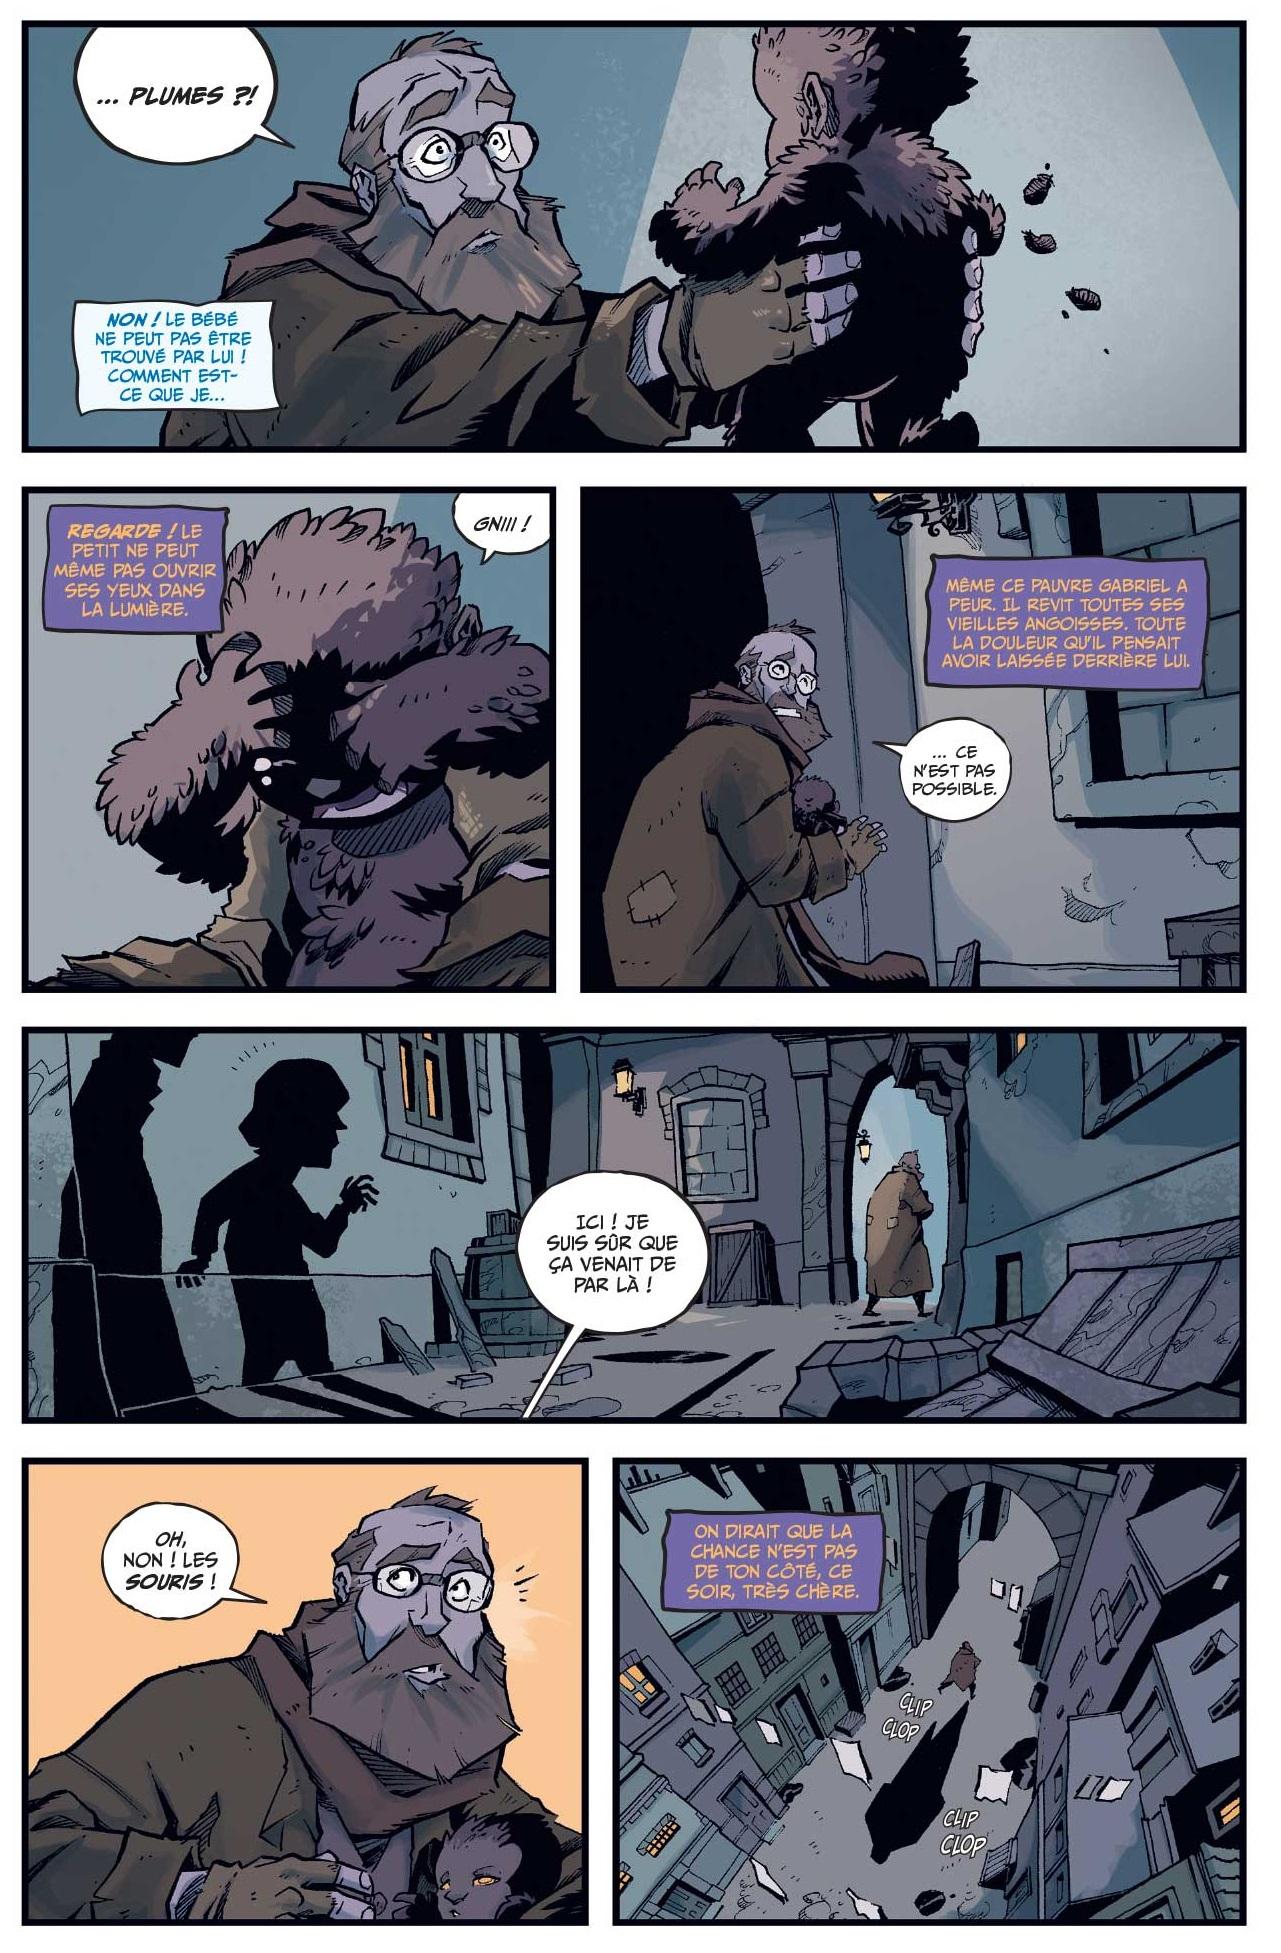 Les incroyables aventures de l'enfant plume  page 5